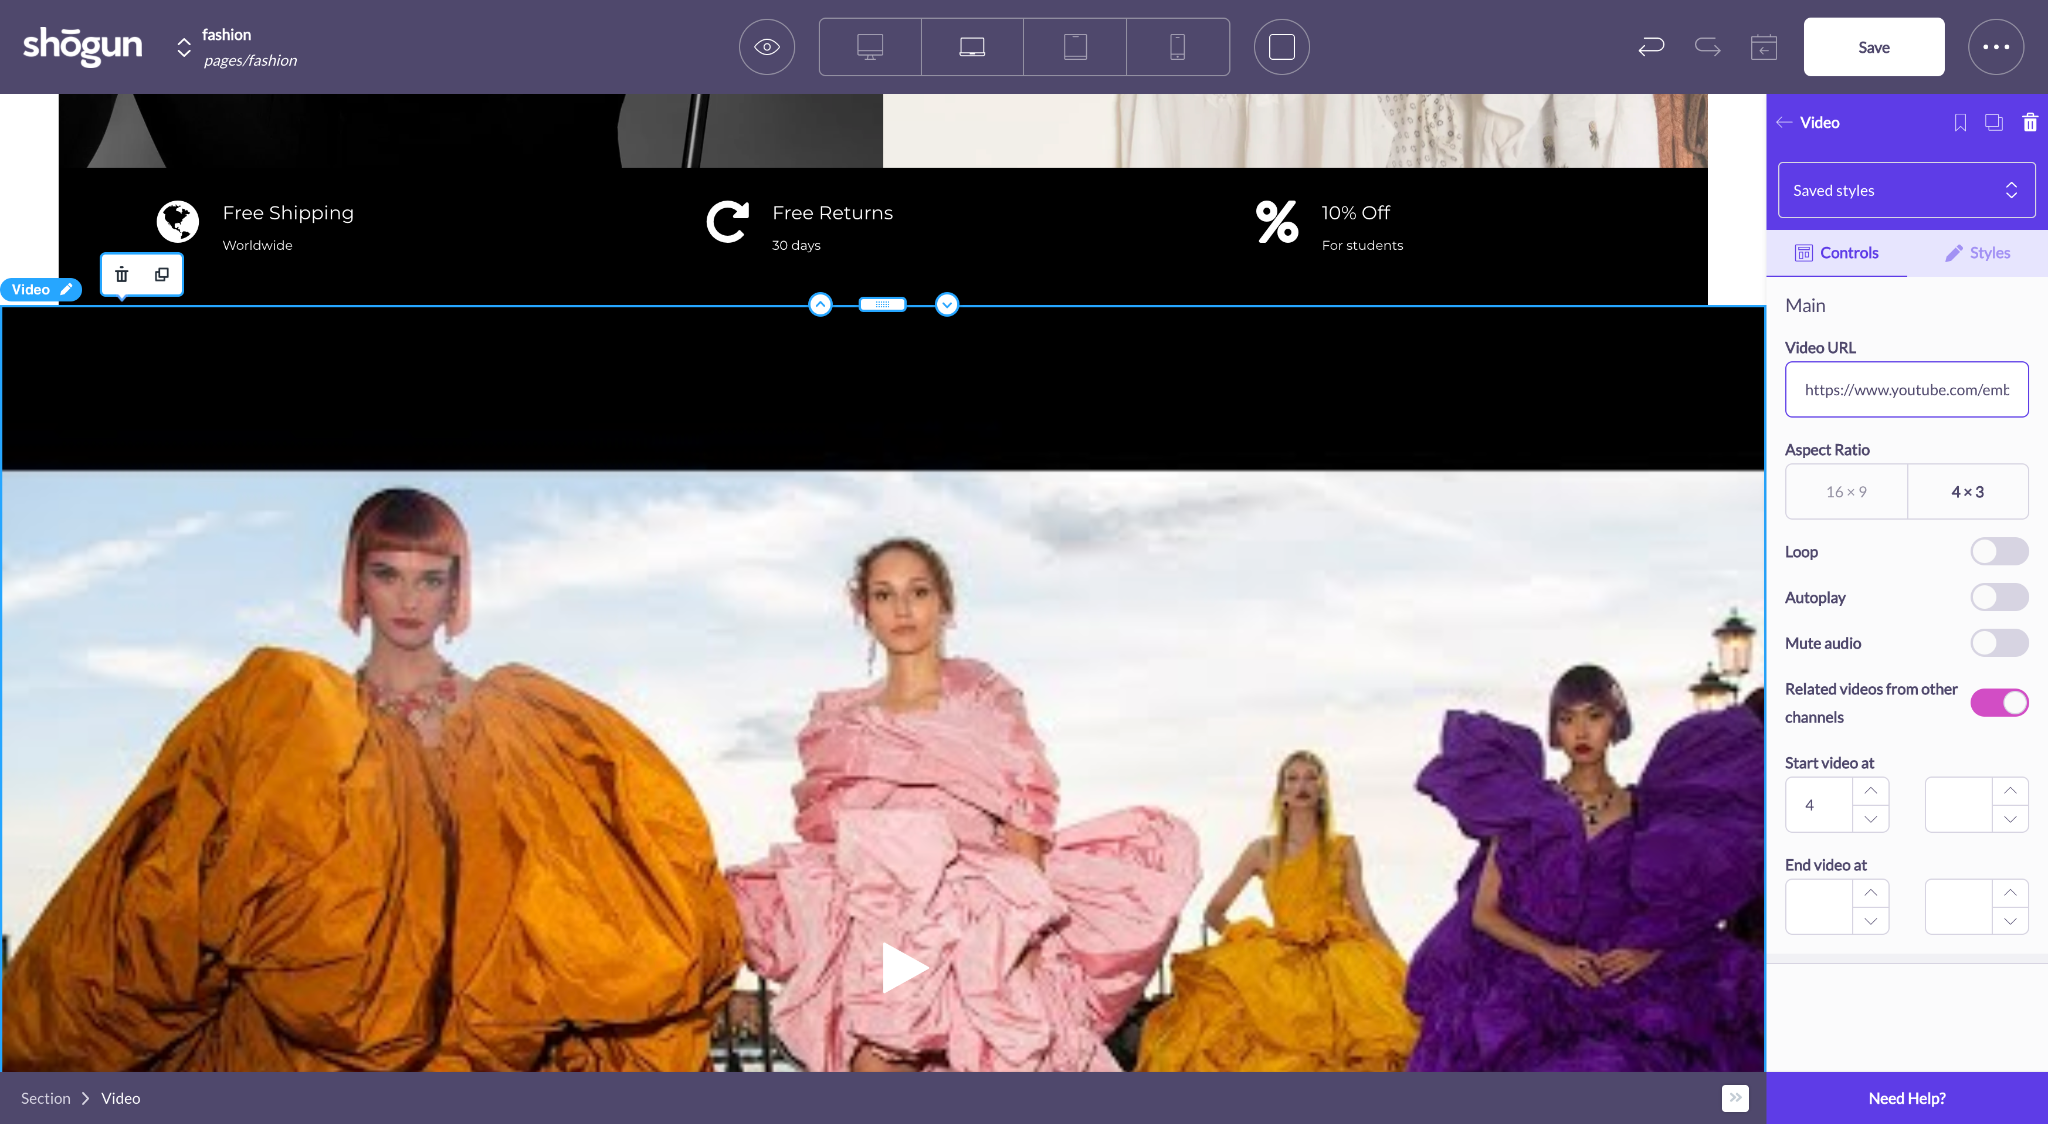 shogun page builder add video element